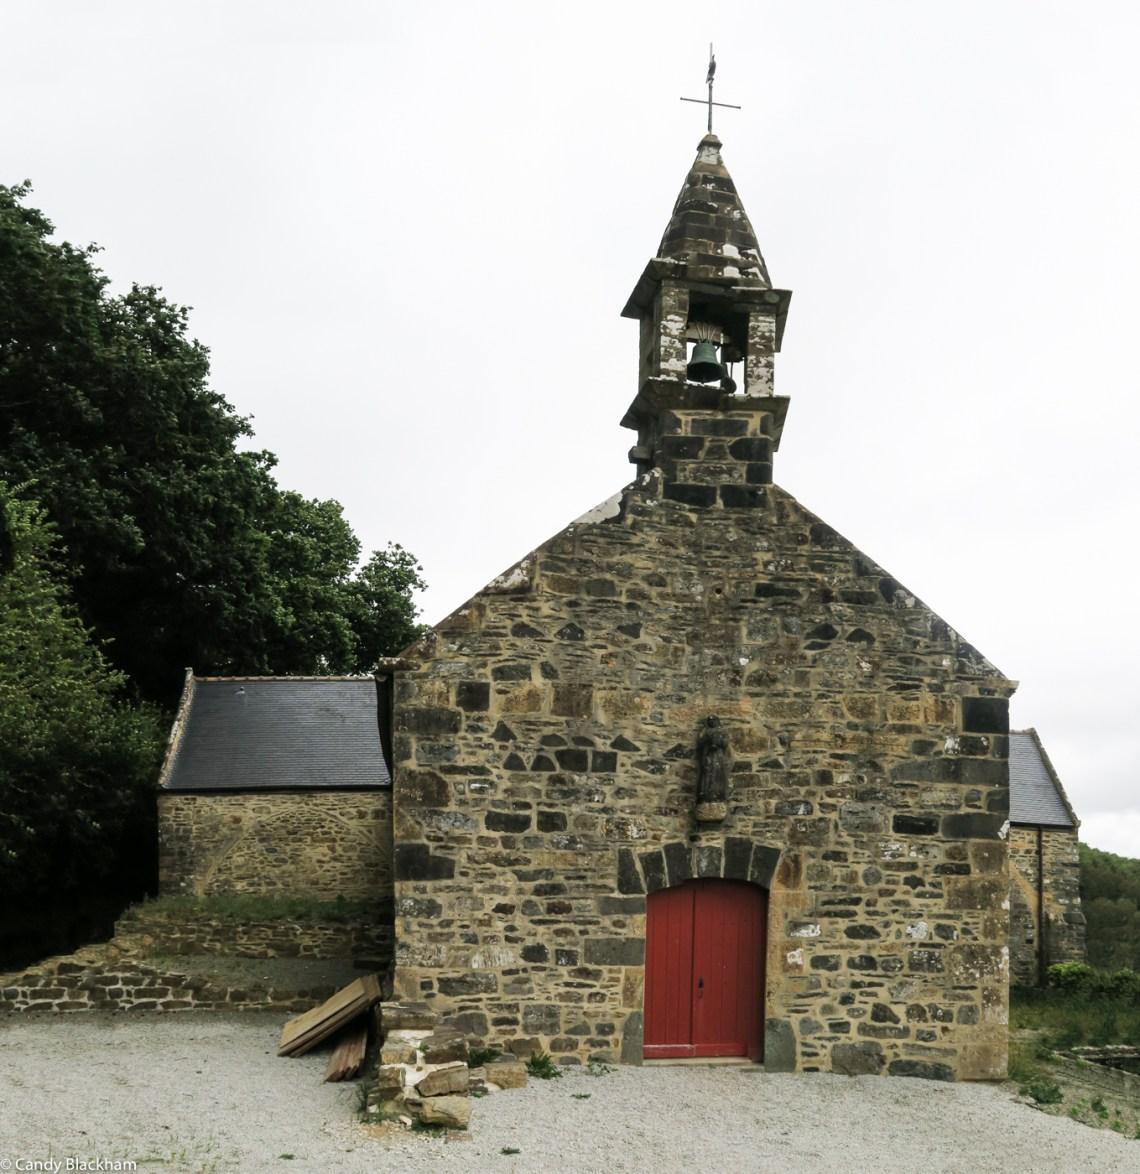 The Chapel of Notre-Dame de Lorette, Coed-Nant